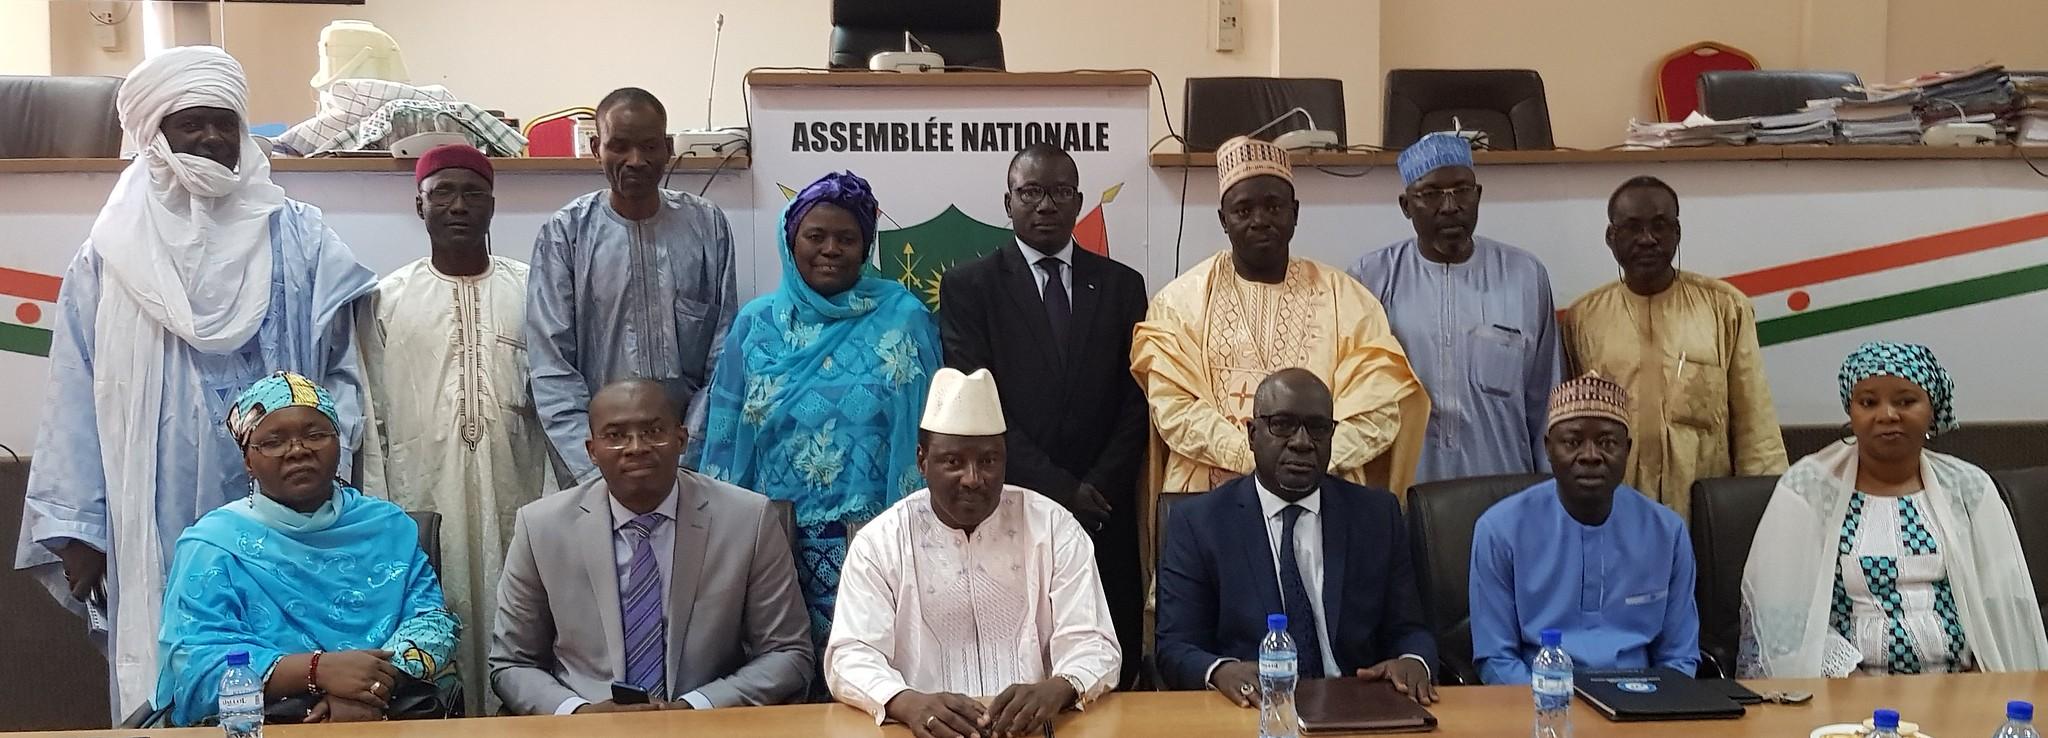 Bilan à mi-parcours pour la mise en oeuvre des recommandations sur le PIDCP au Niger